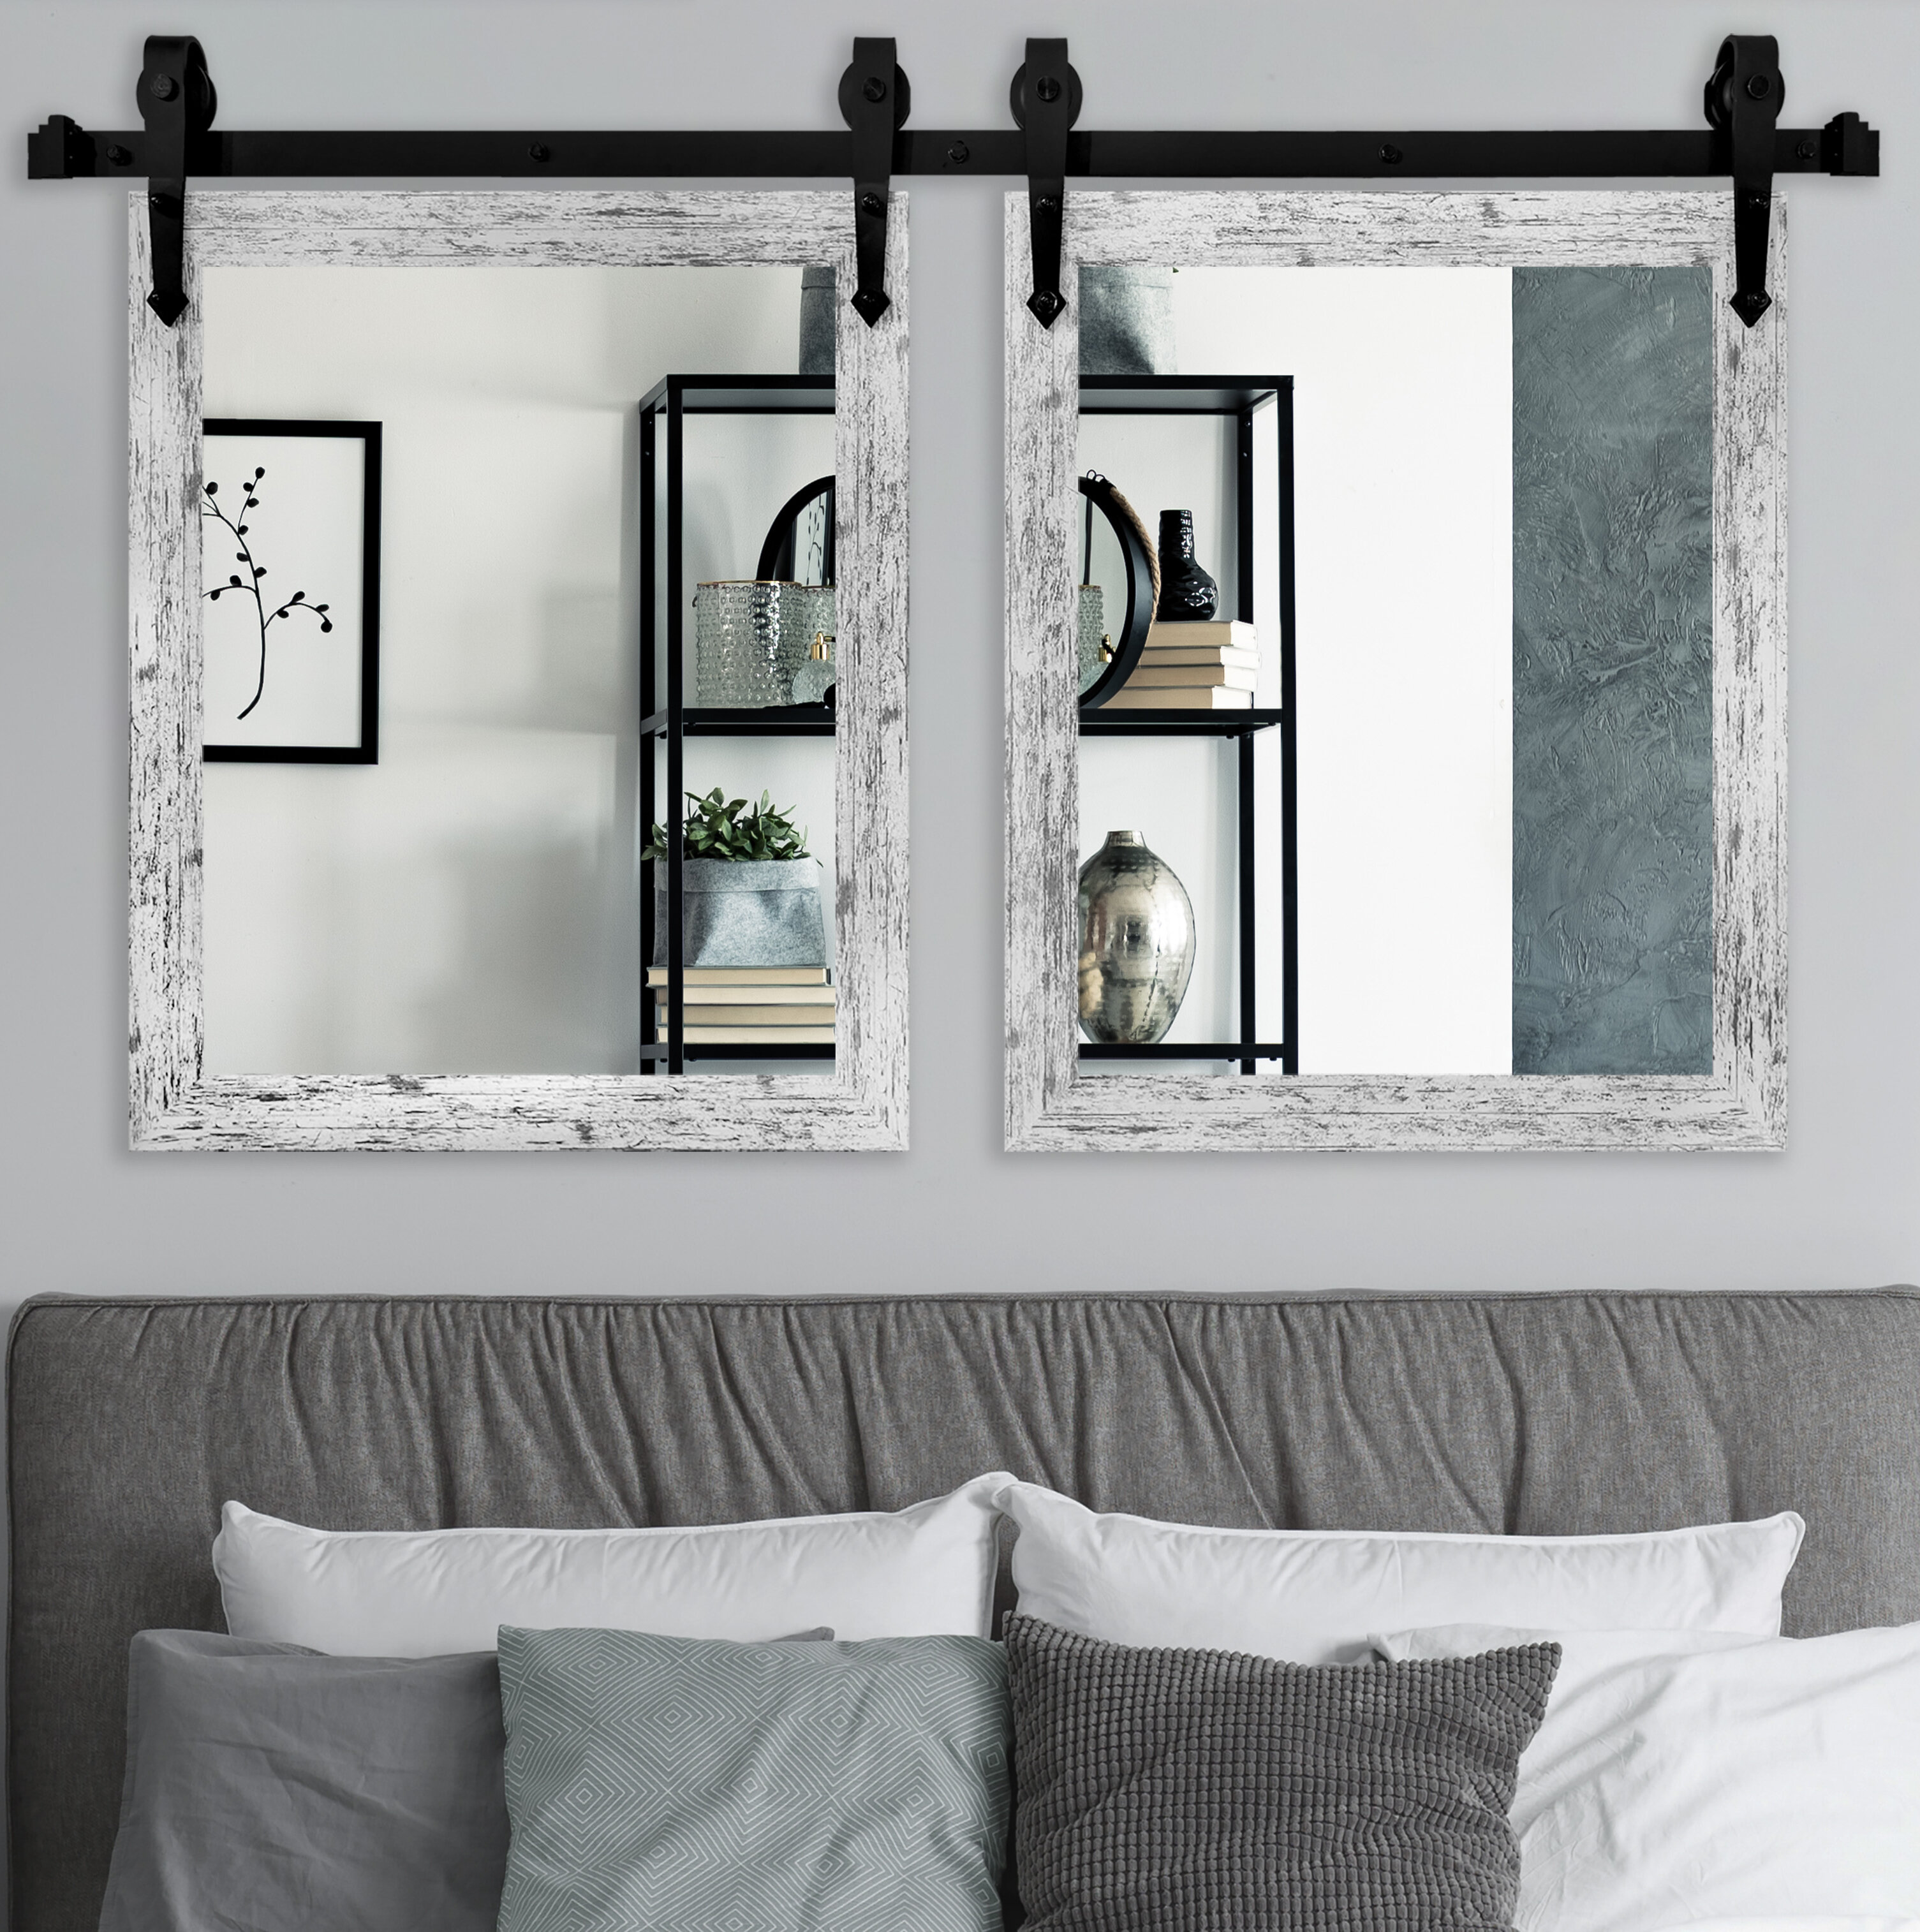 Birch Lane 3 Piece Fulda Mirror Set Reviews Wayfair